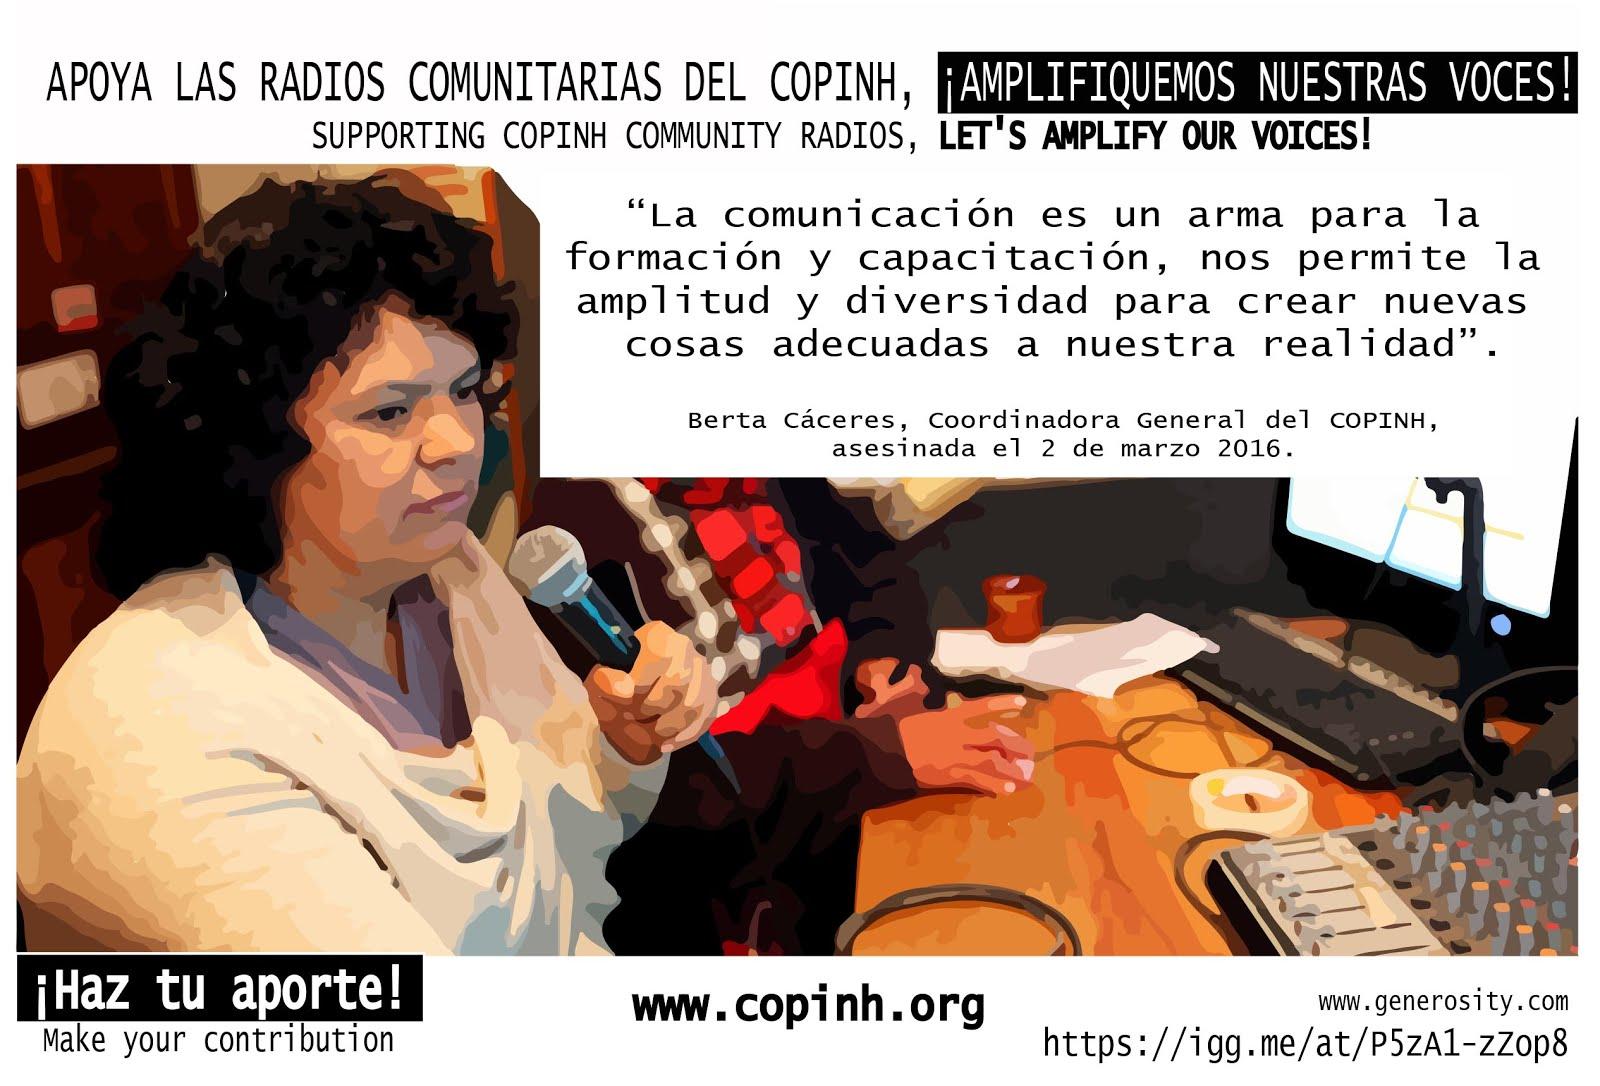 CAMPAÑA: APOYA LAS RADIOS COMUNITARIAS DEL COPINH